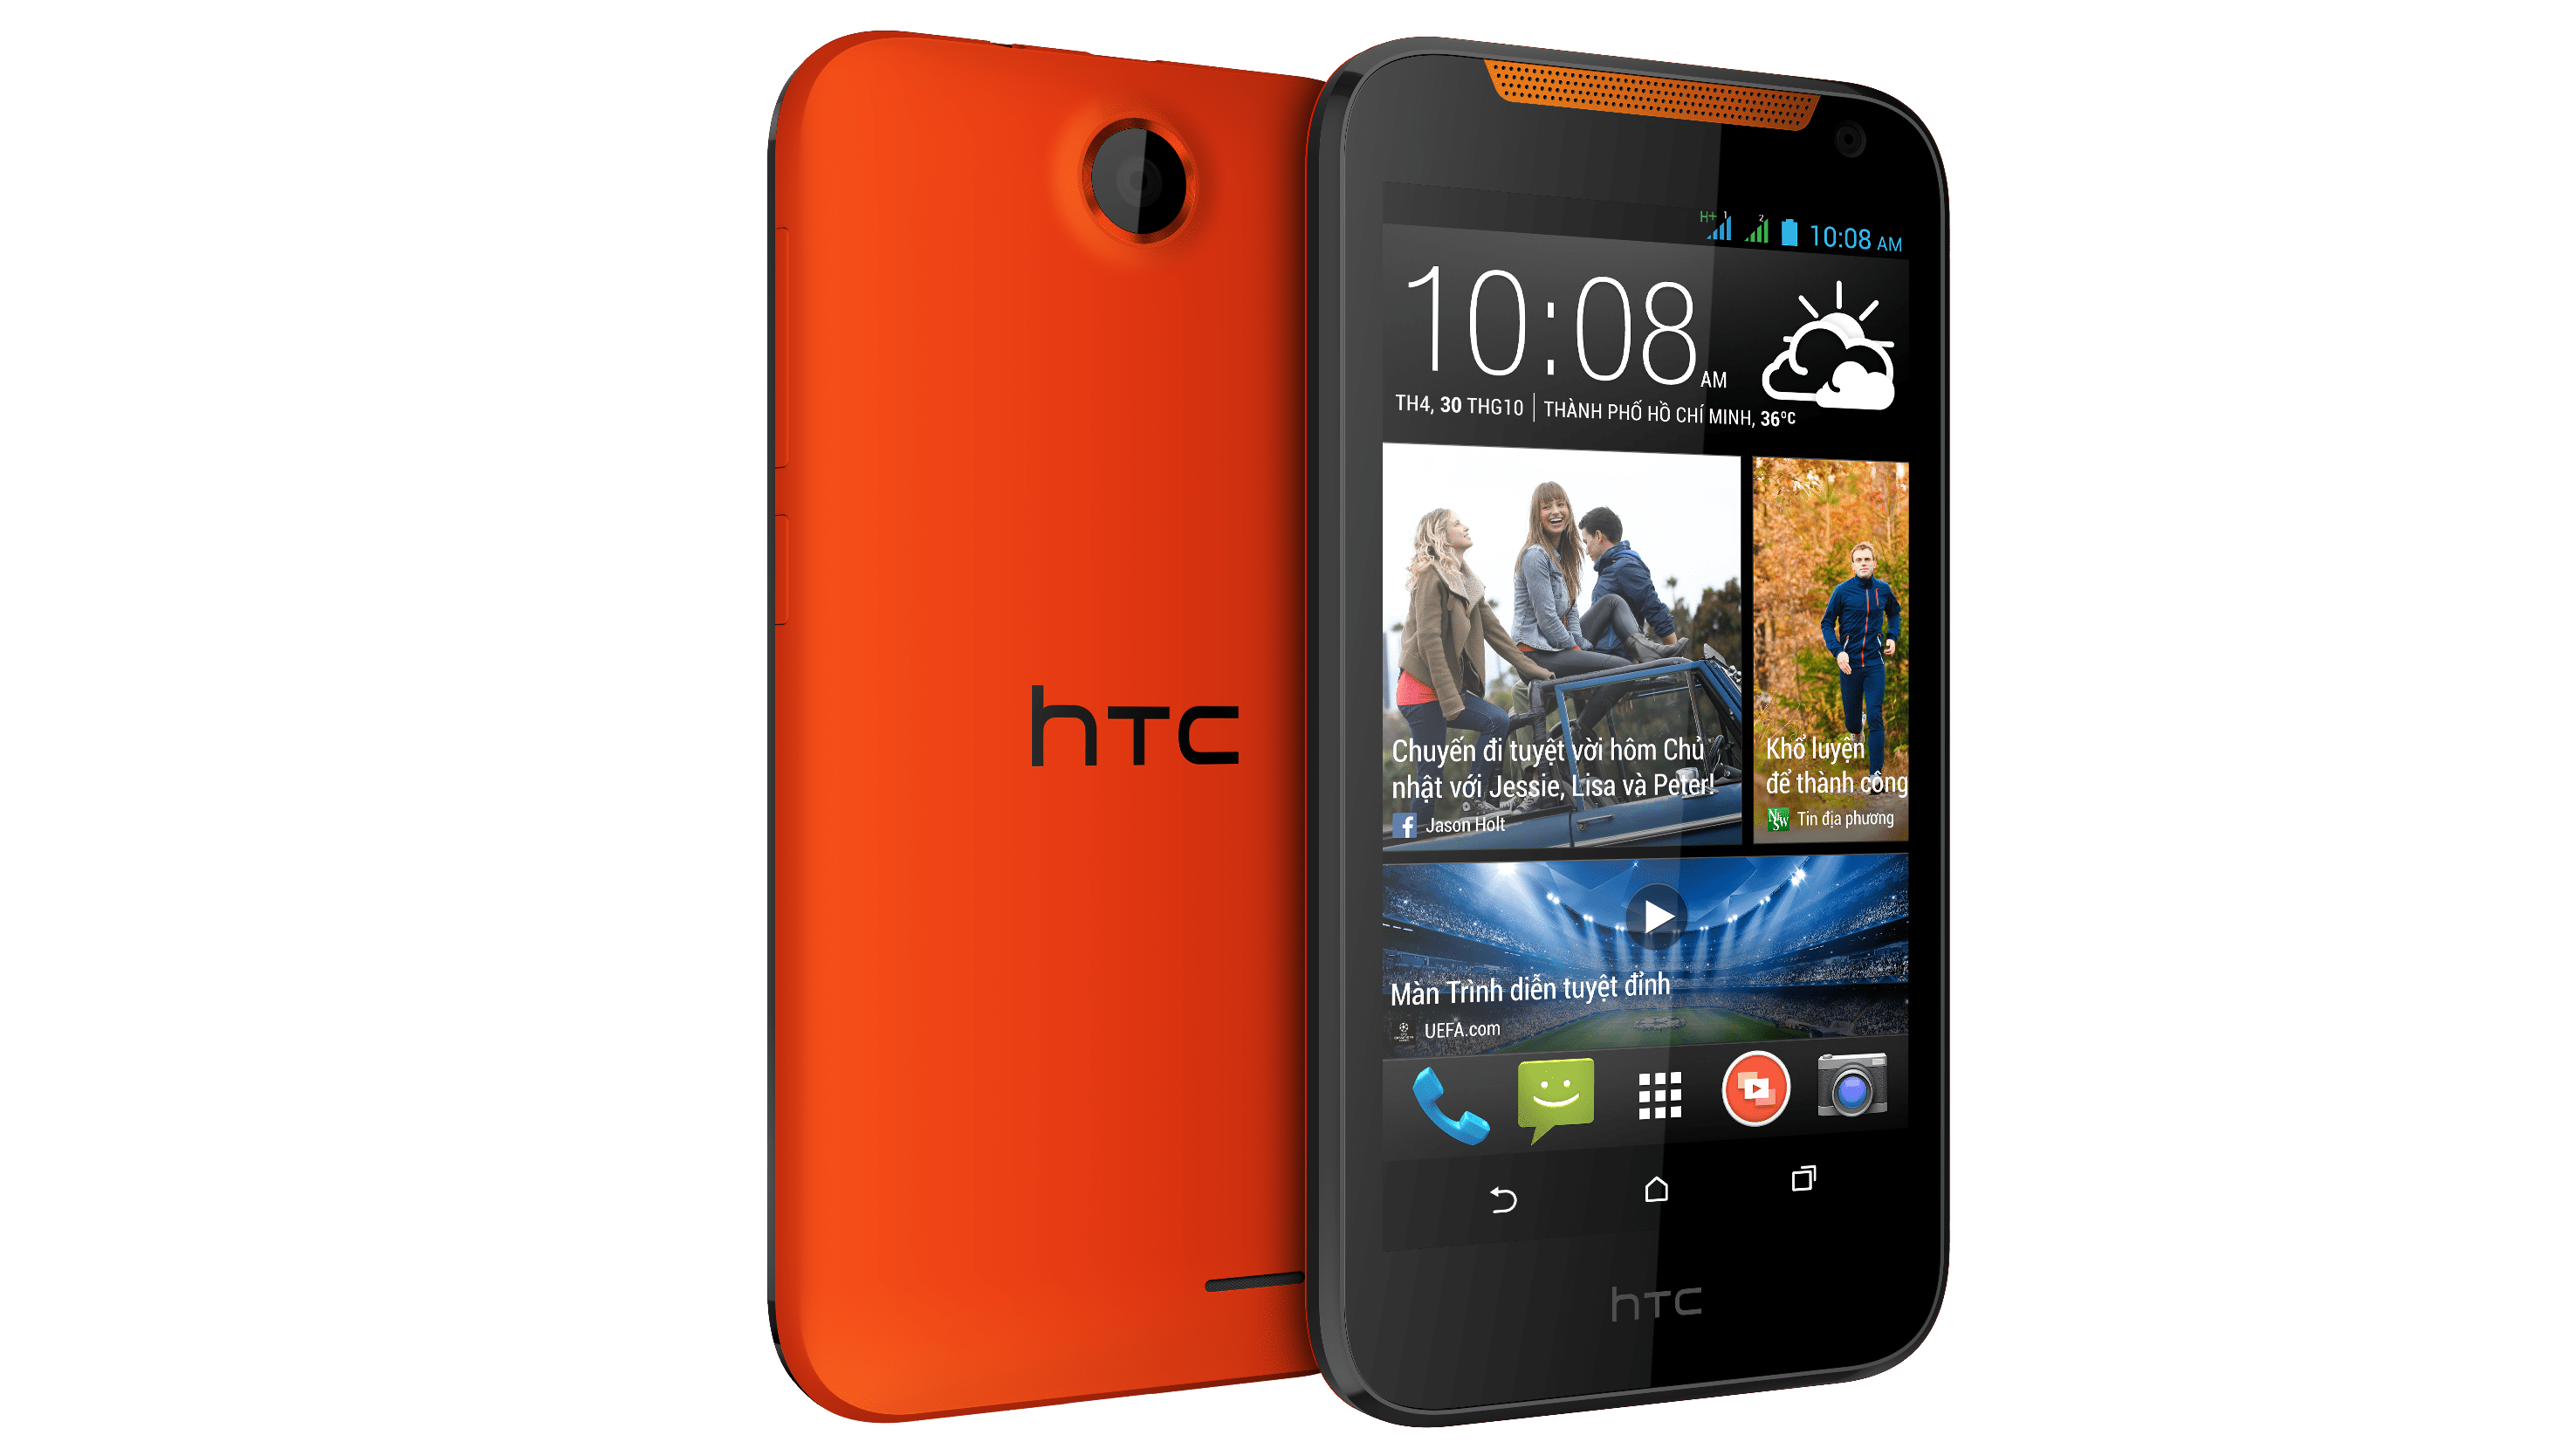 V1 PerRight Orange2014Jan17 - HTC Desire 310 2 SIM ra mắt, giá 3,89 triệu đồng